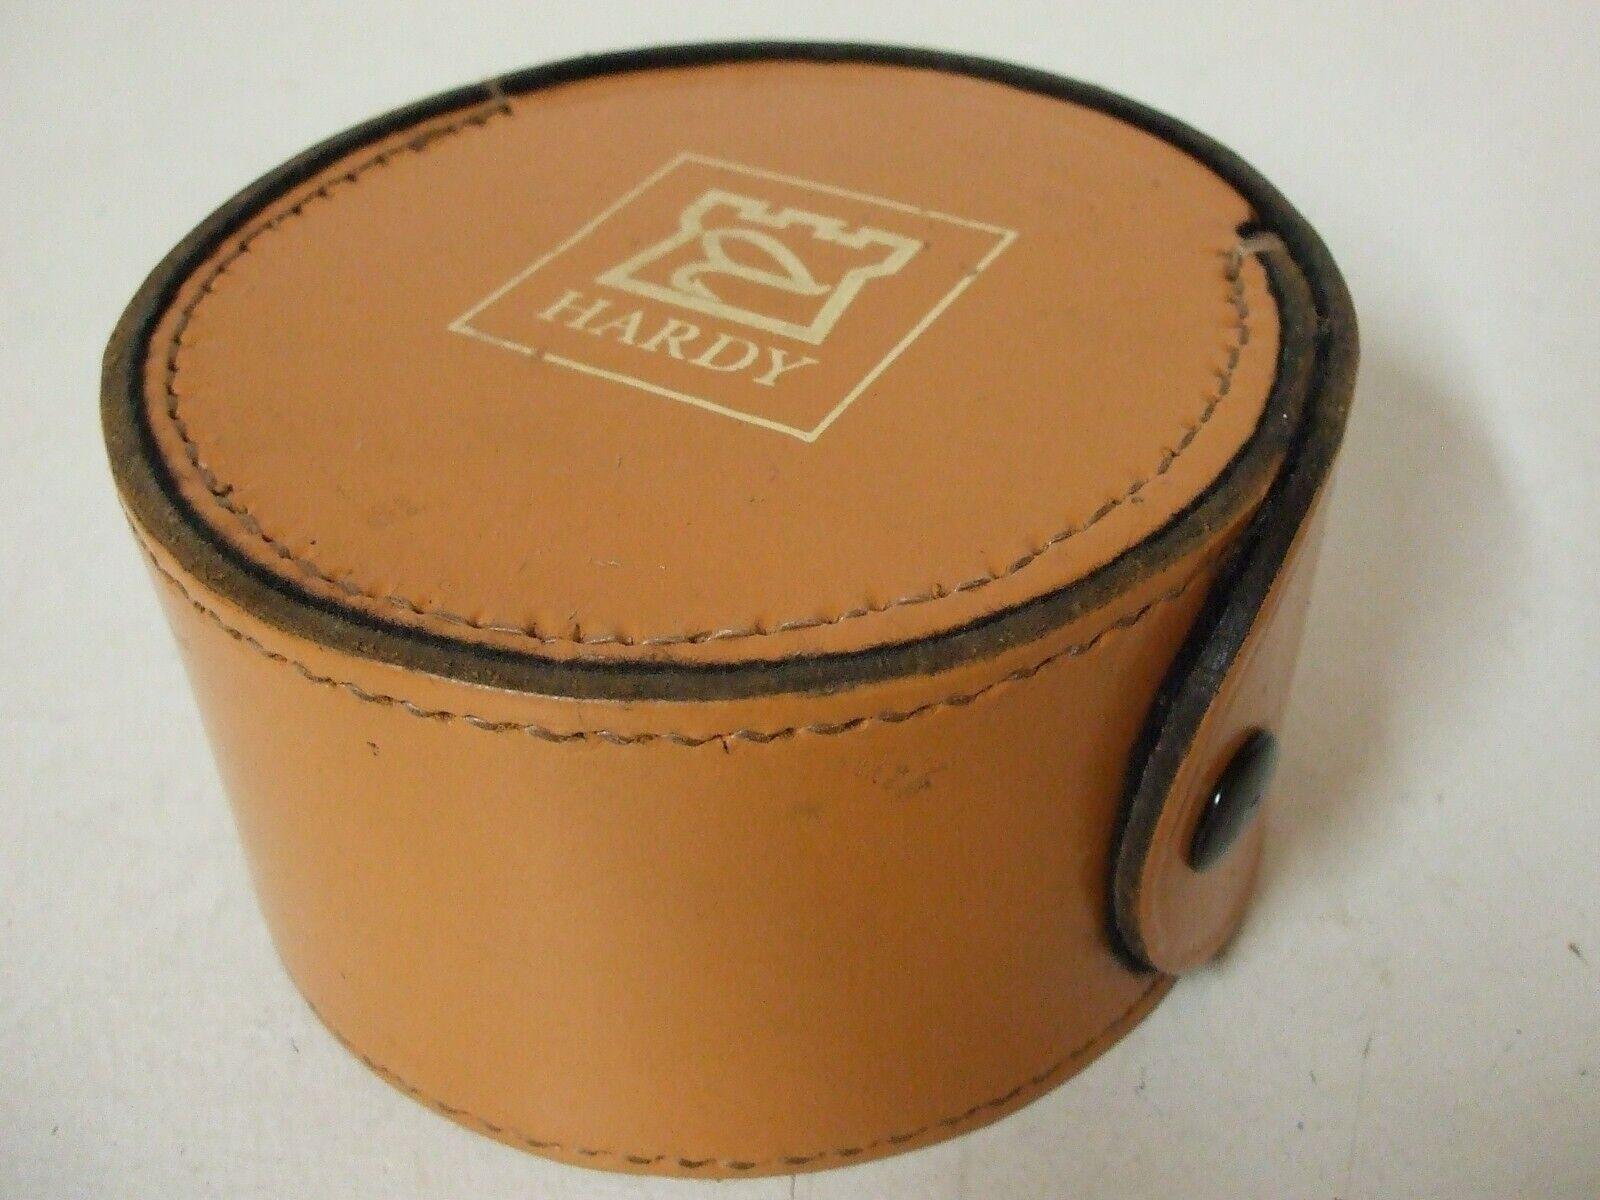 Hardy rossoonda Blocco in Pelle Fly Reel Case  N.O. S .